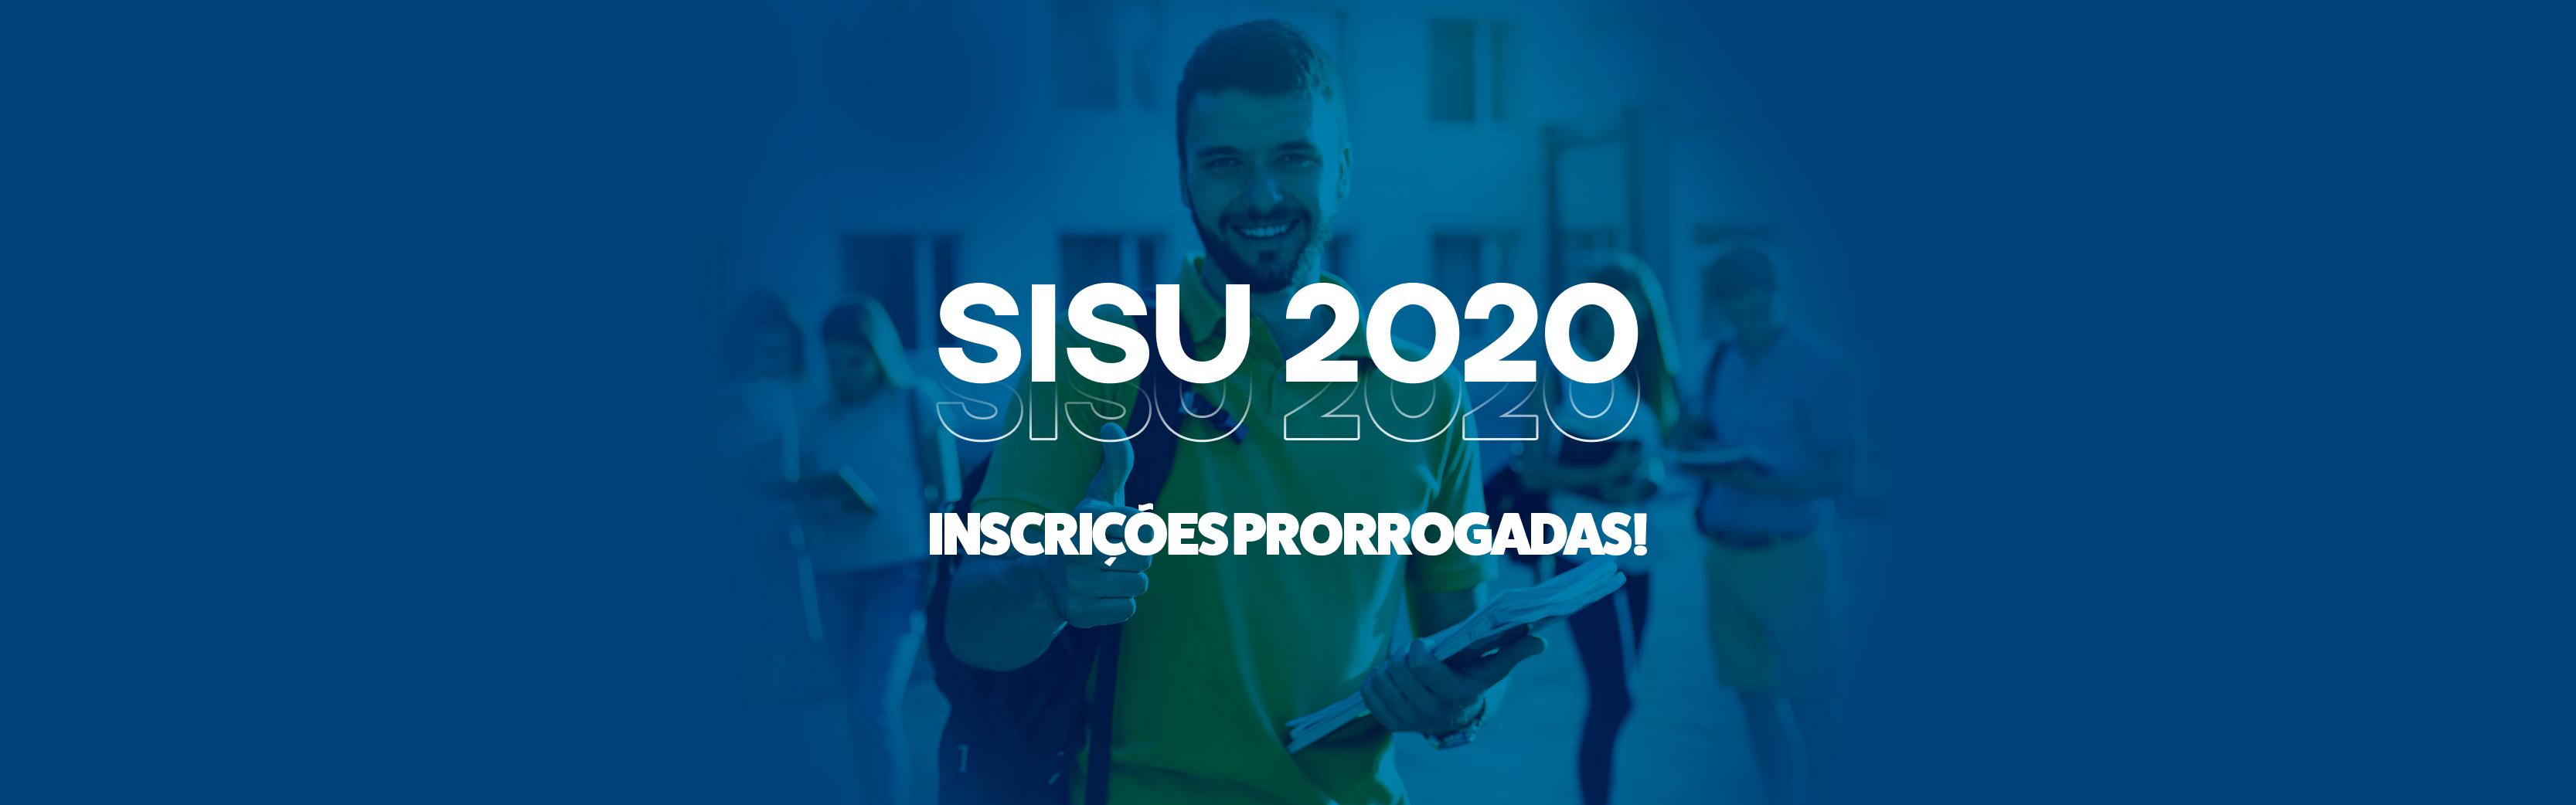 Inscrições do SISU 2020 foram prorrogadas: confira o novo prazo